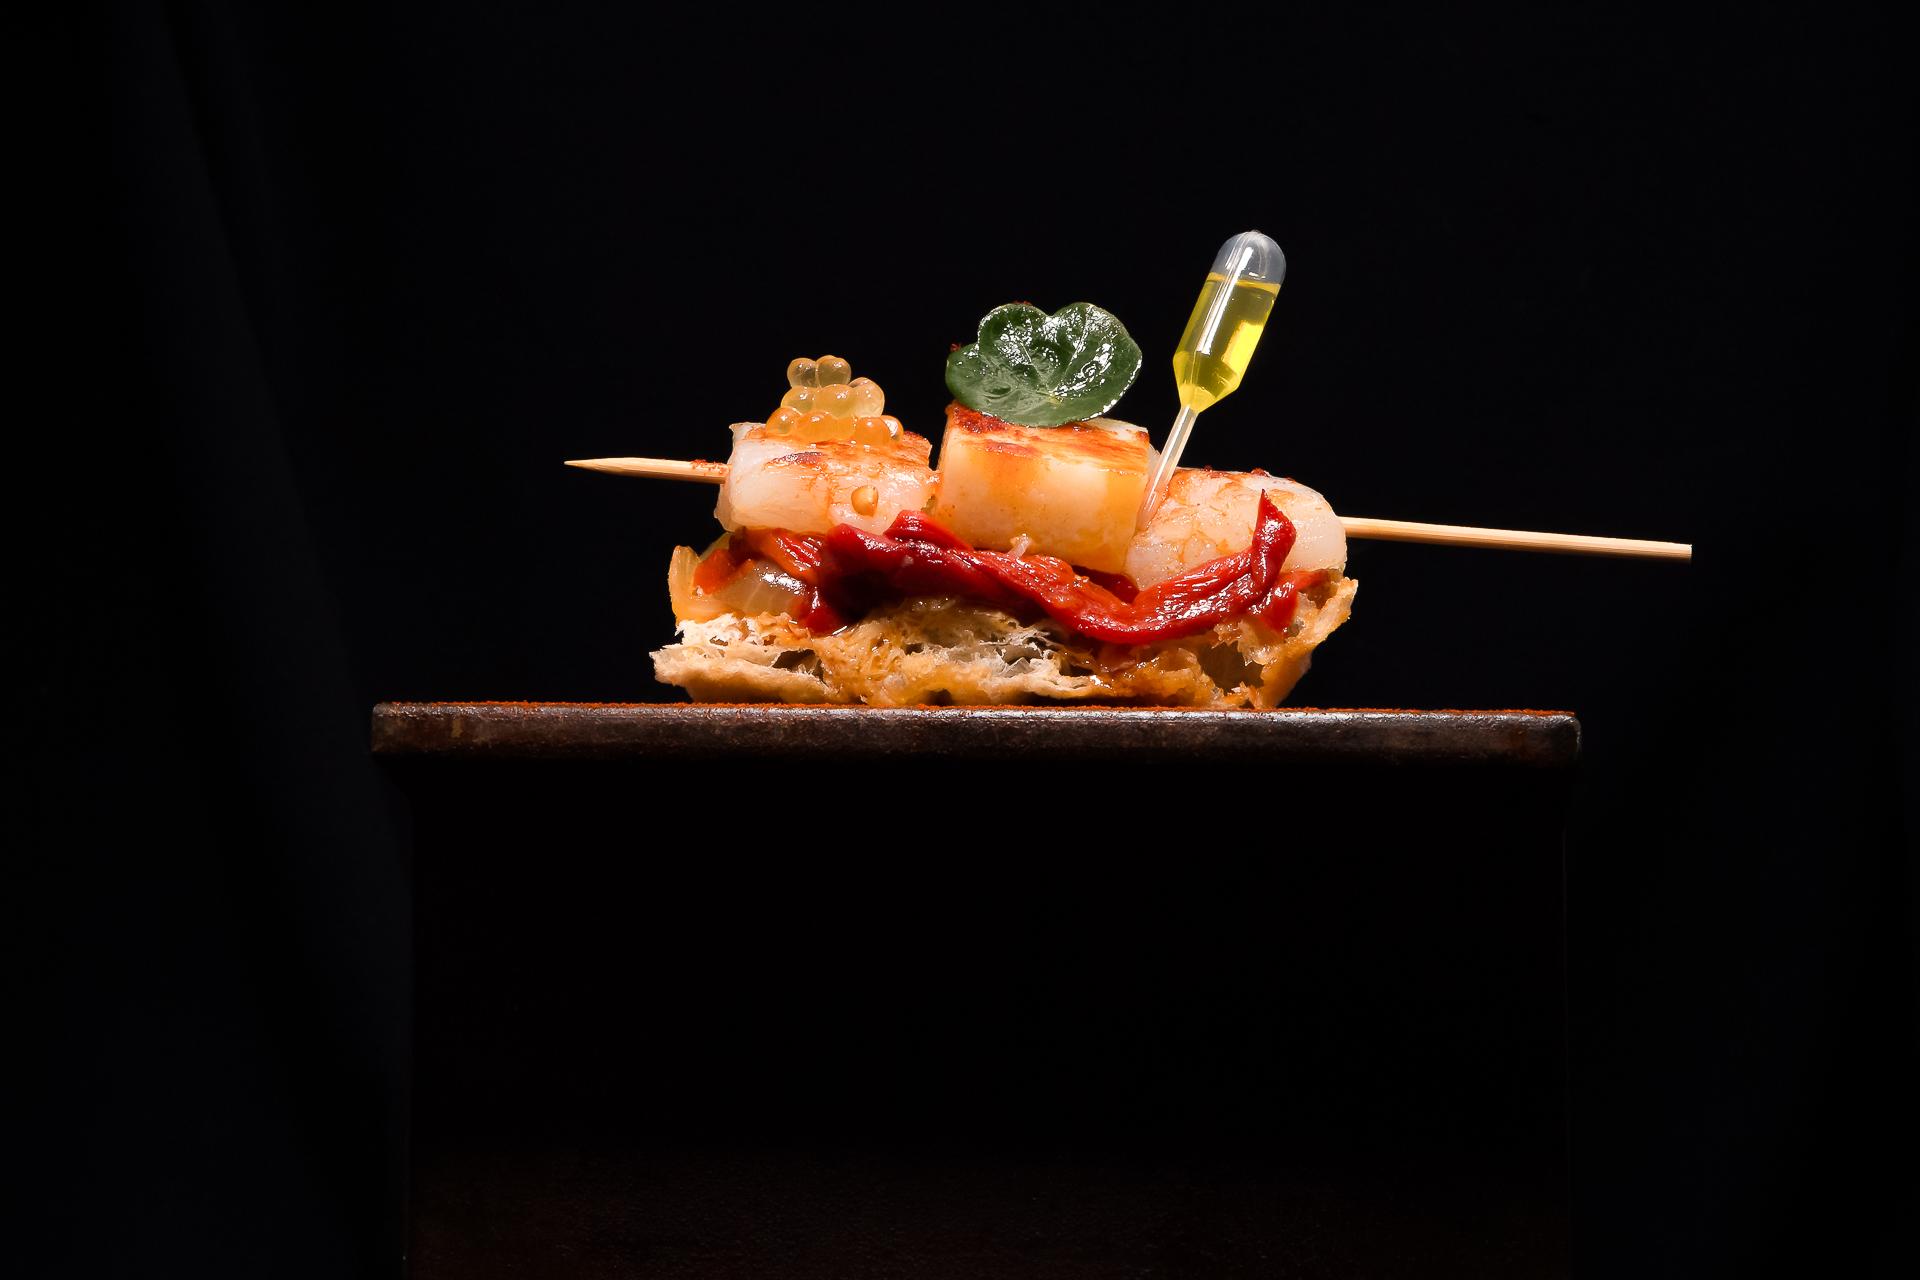 mejor fotografo gastronomico de comida donostia san sebastian